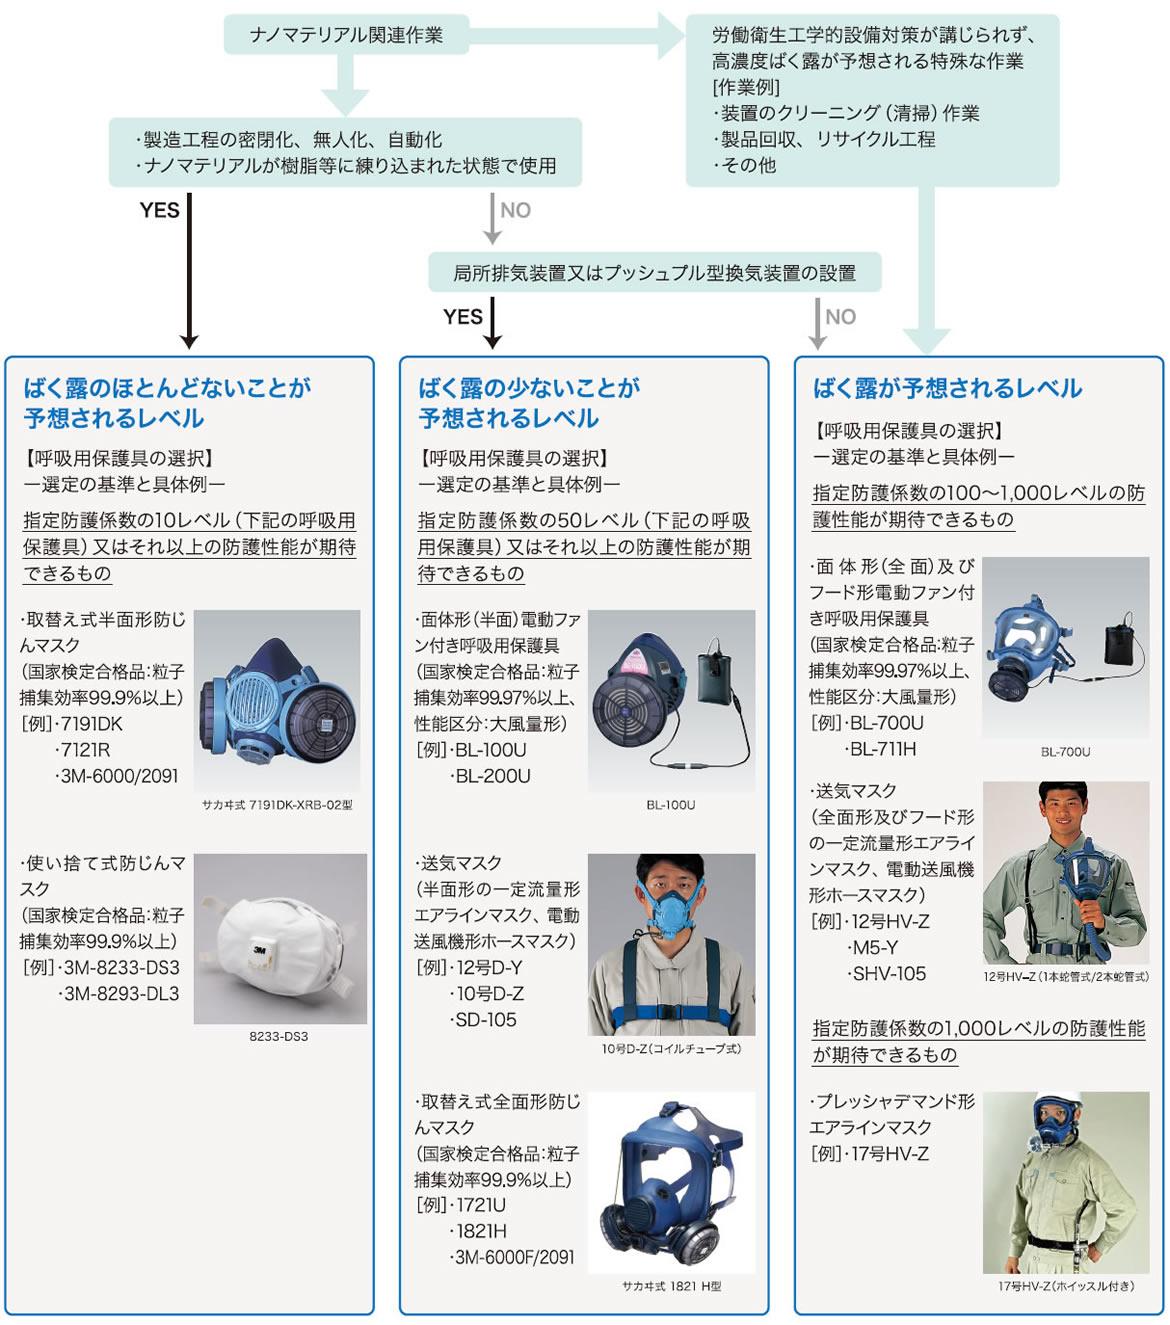 呼吸用保護具の選定チャート(一般の製造又は取扱事業場用)